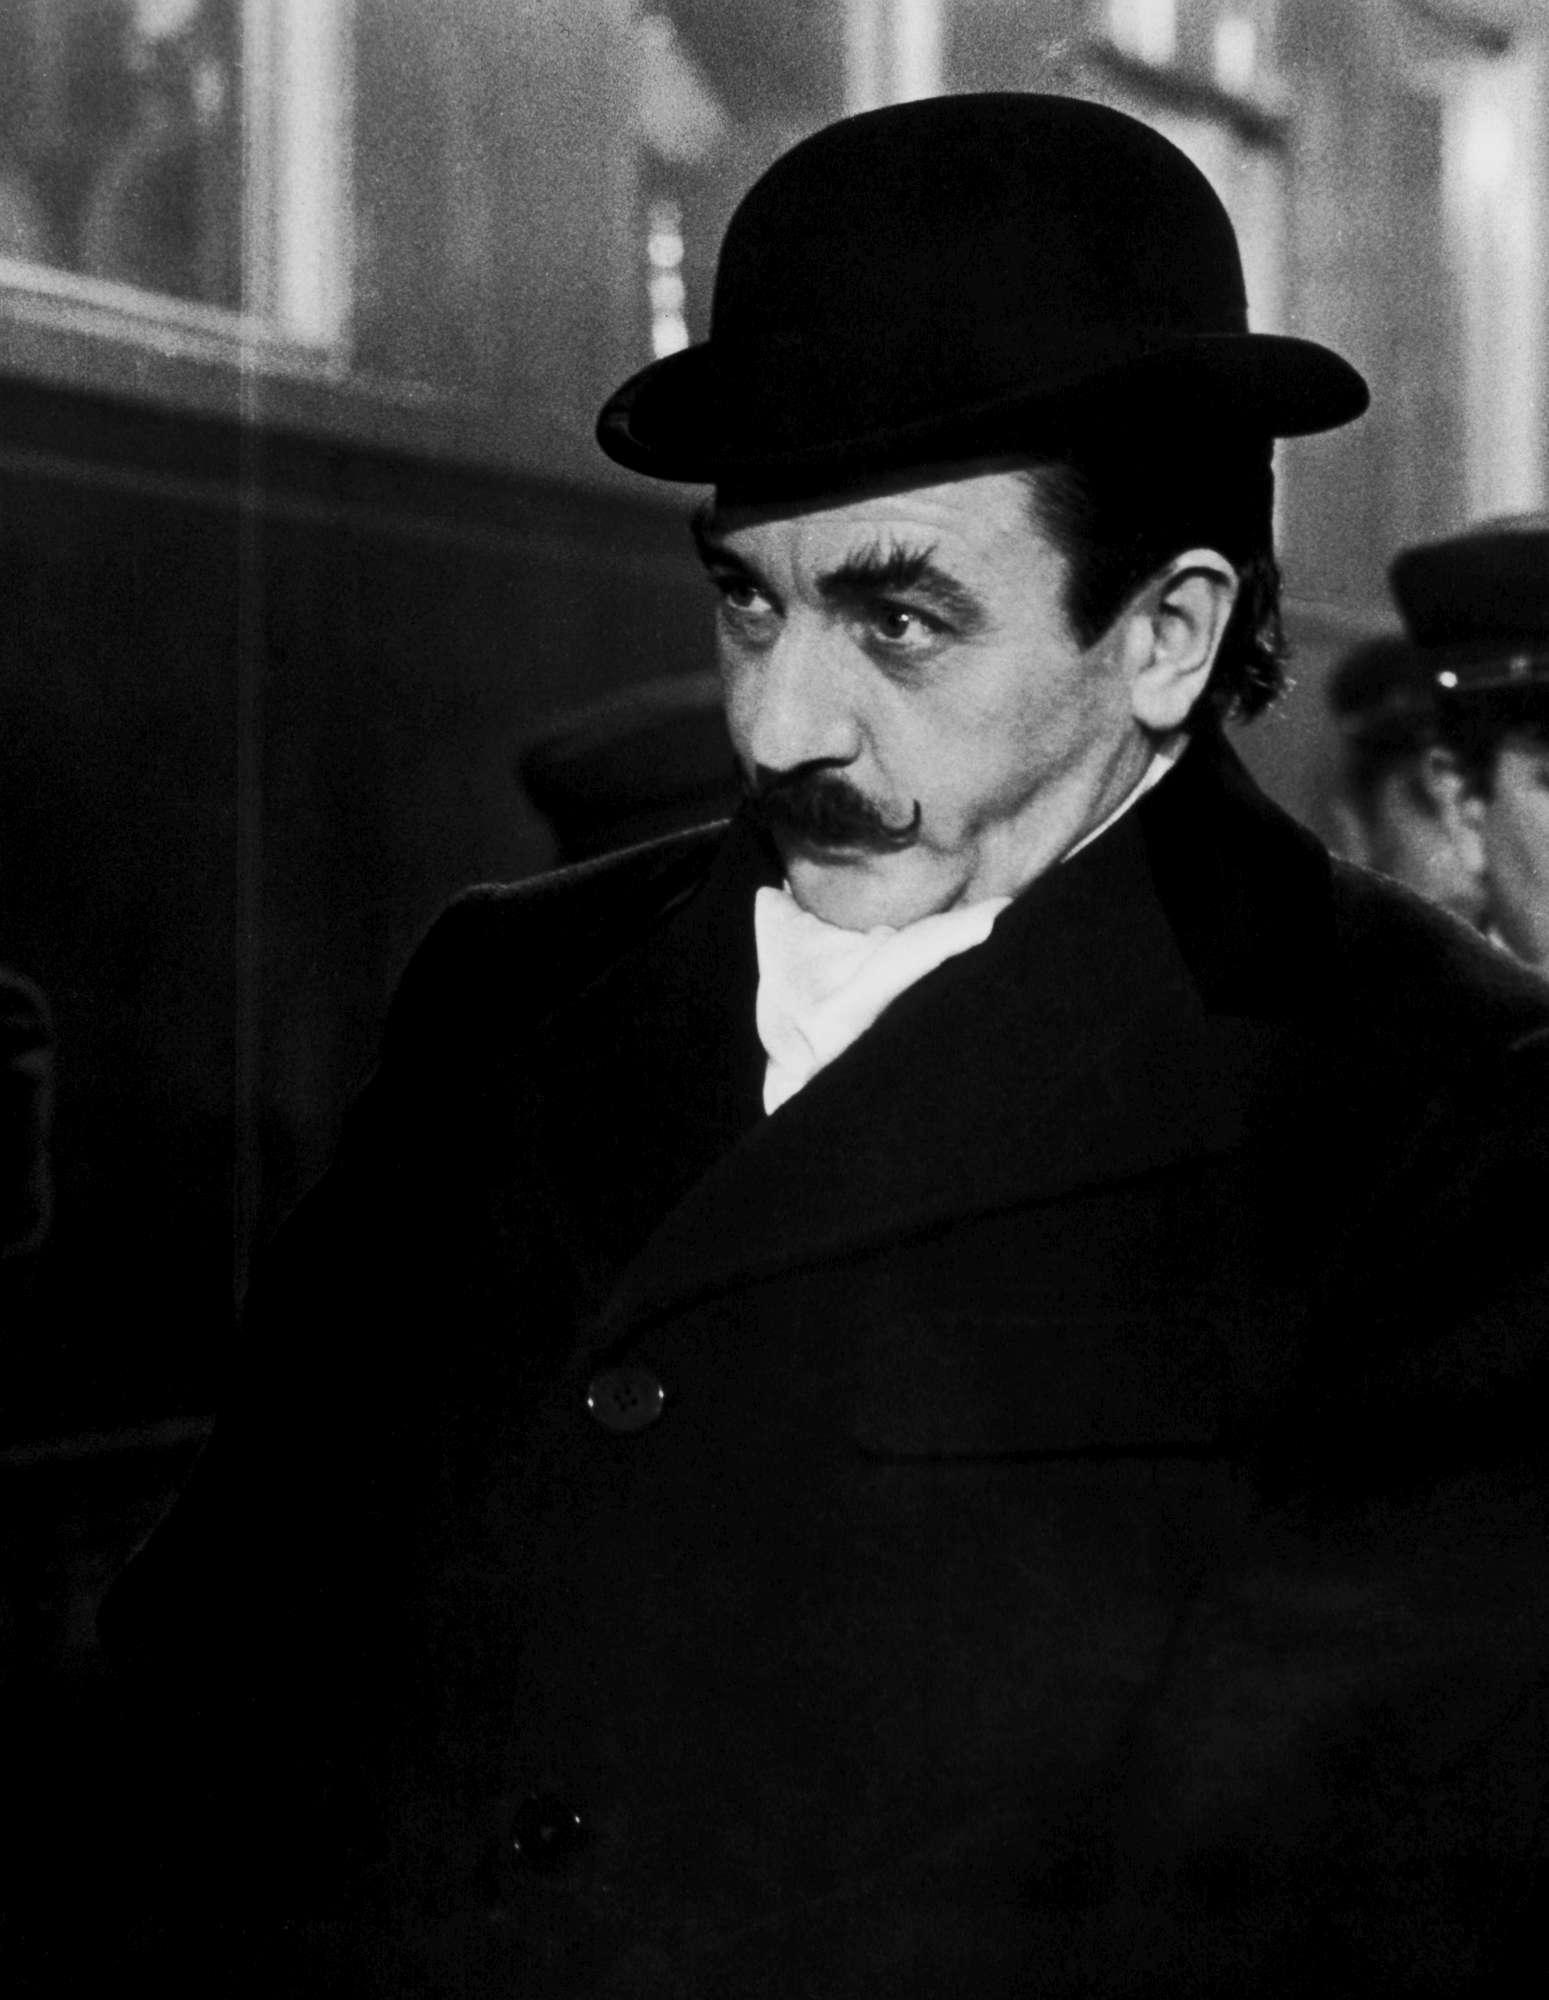 L attore Albert Finney scomparso a 82 anni